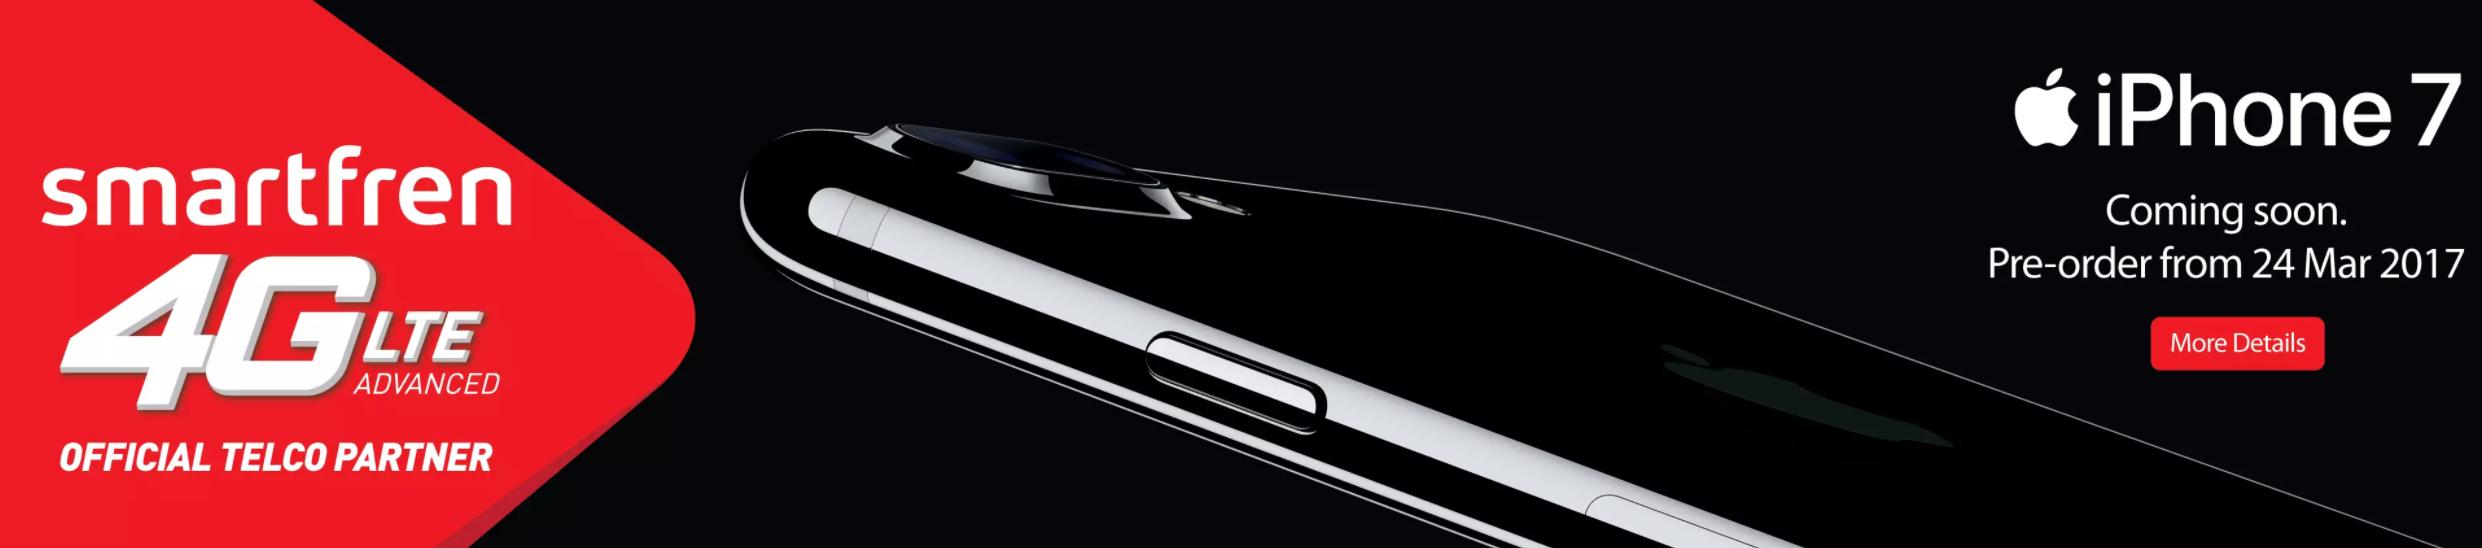 Smartfren Membuka Pre-Order Resmi iPhone 7 di Indonesia